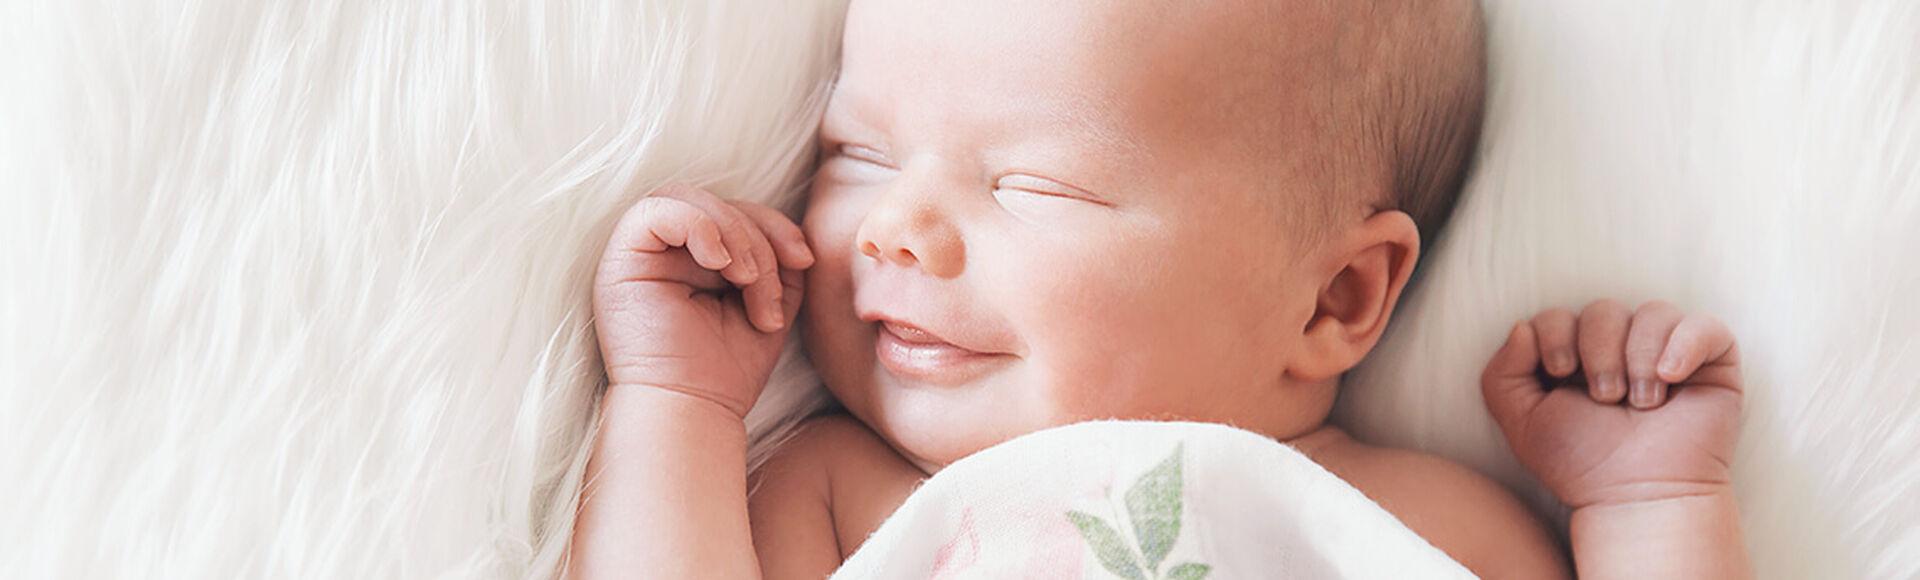 Como se pronuncia el sueño en los bebés | Más Abrazos by Huggies